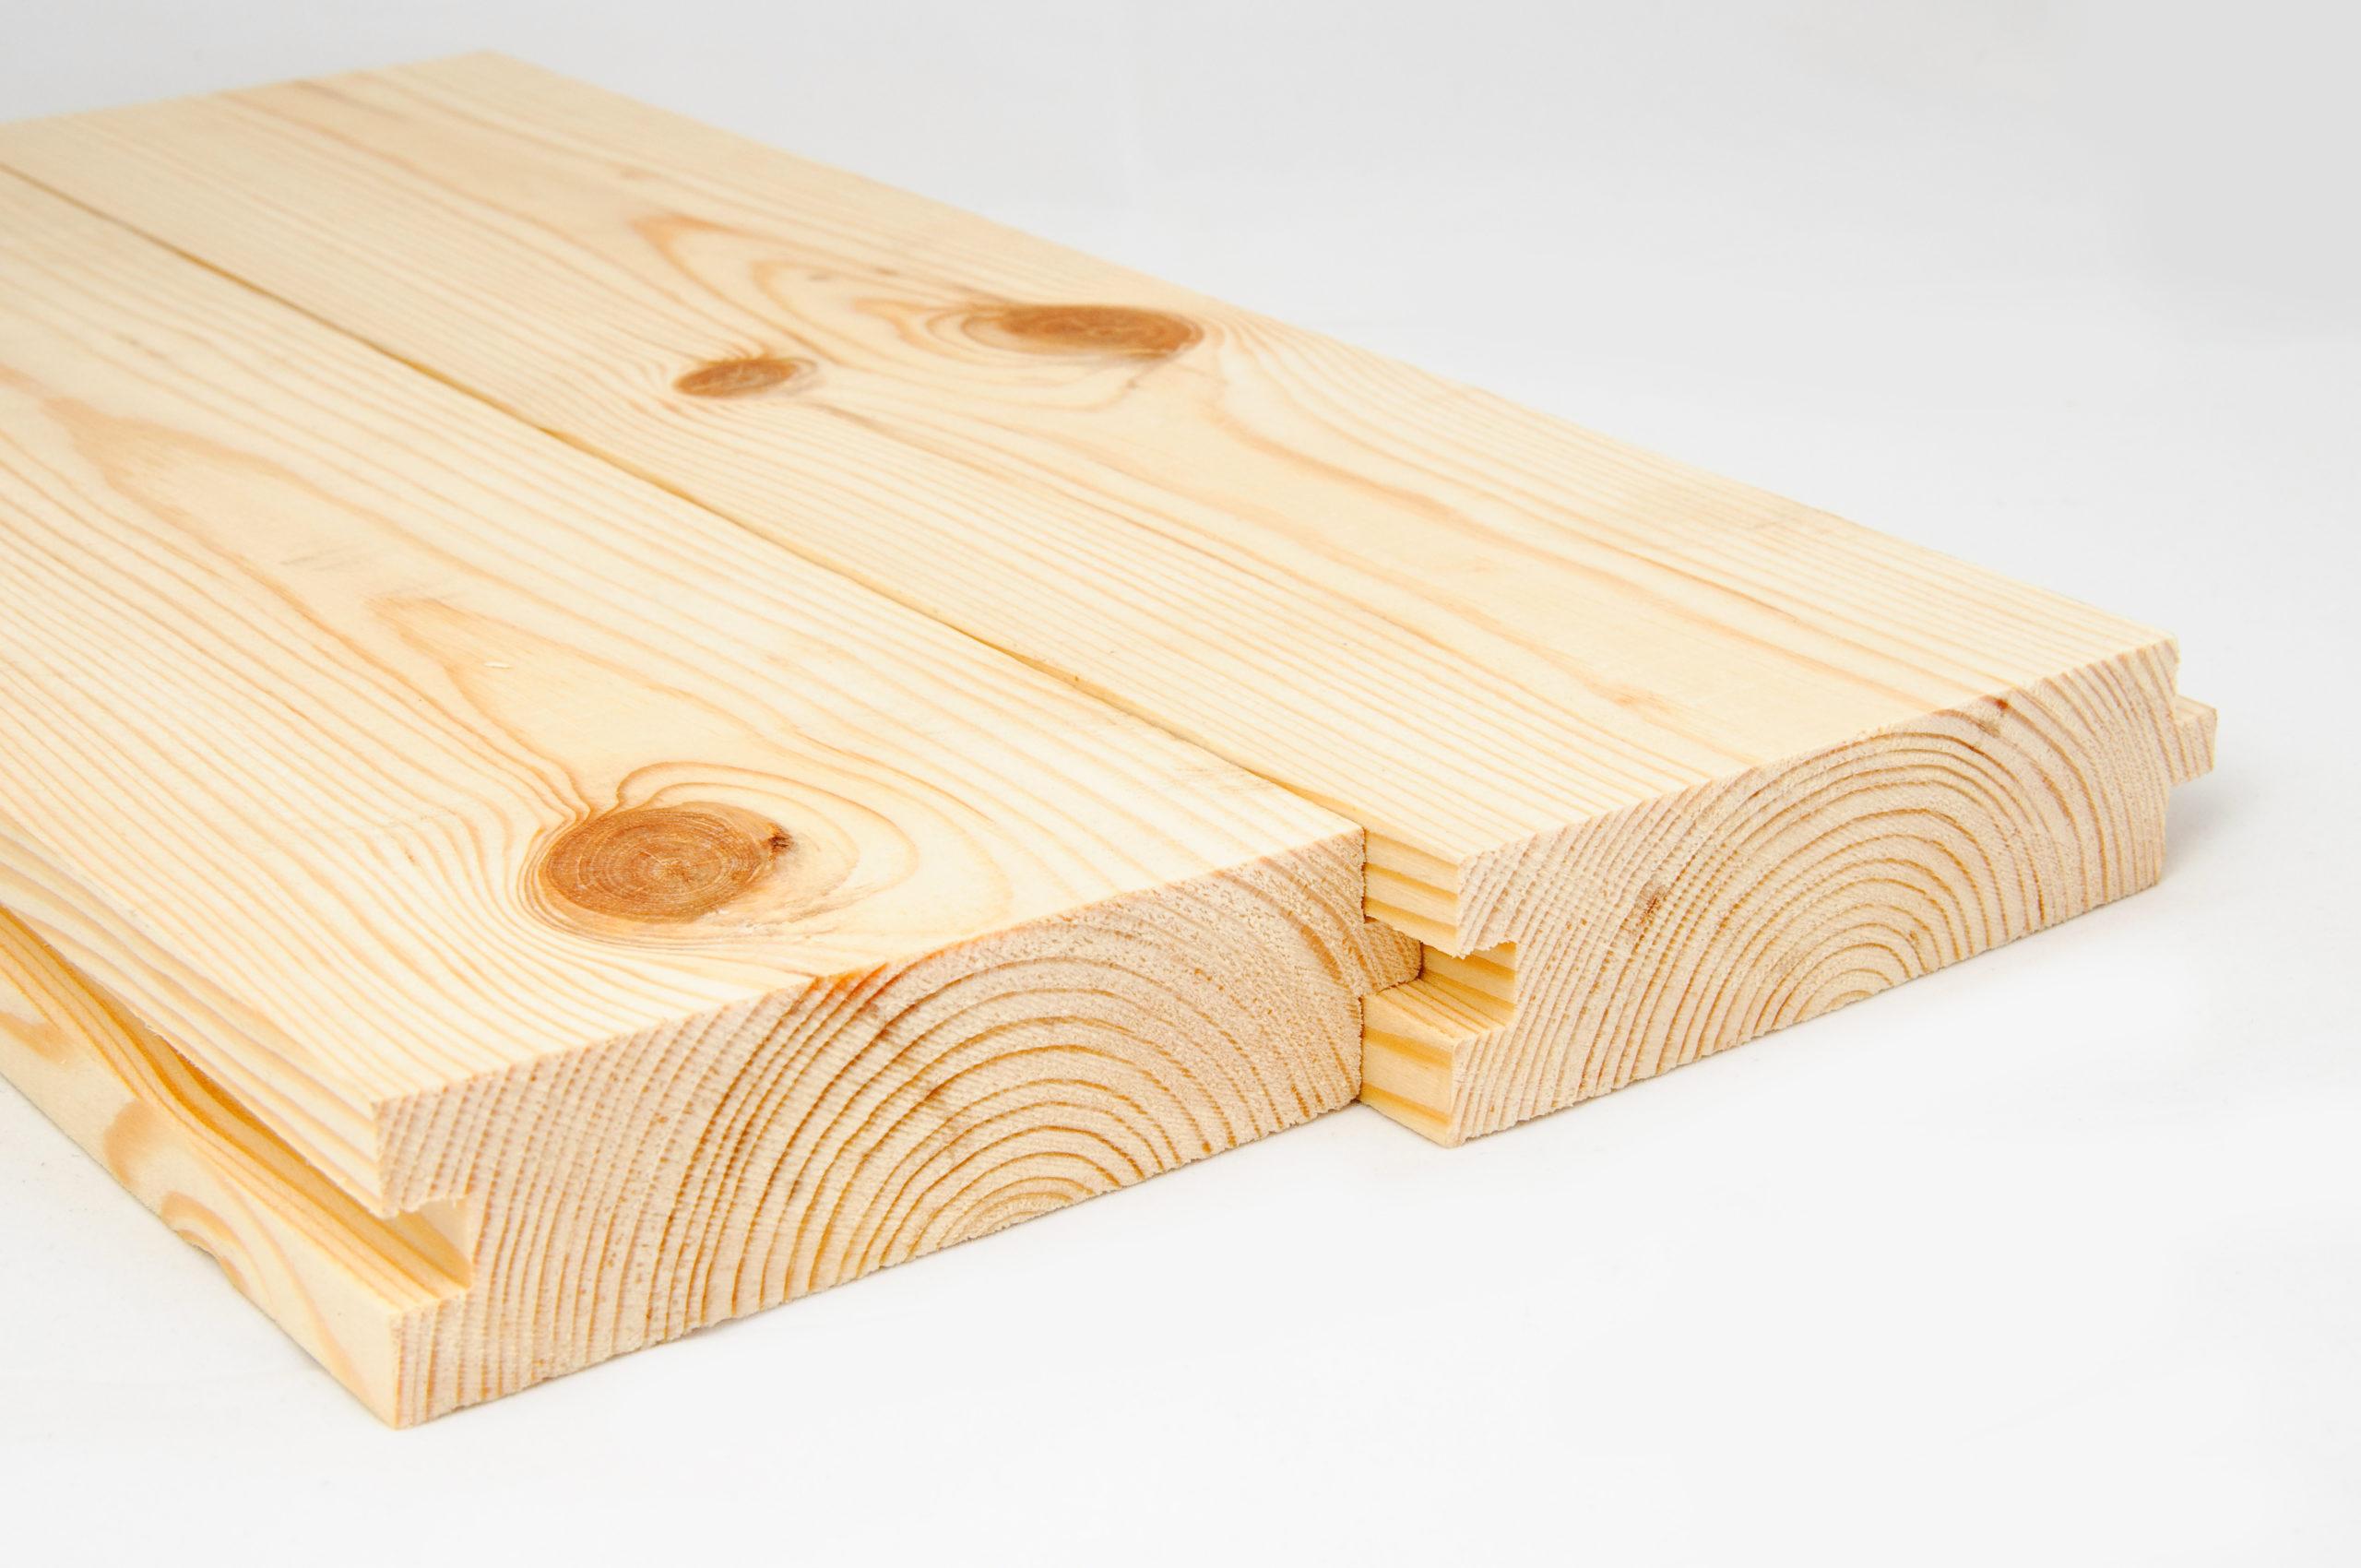 Доска для пола деревянная